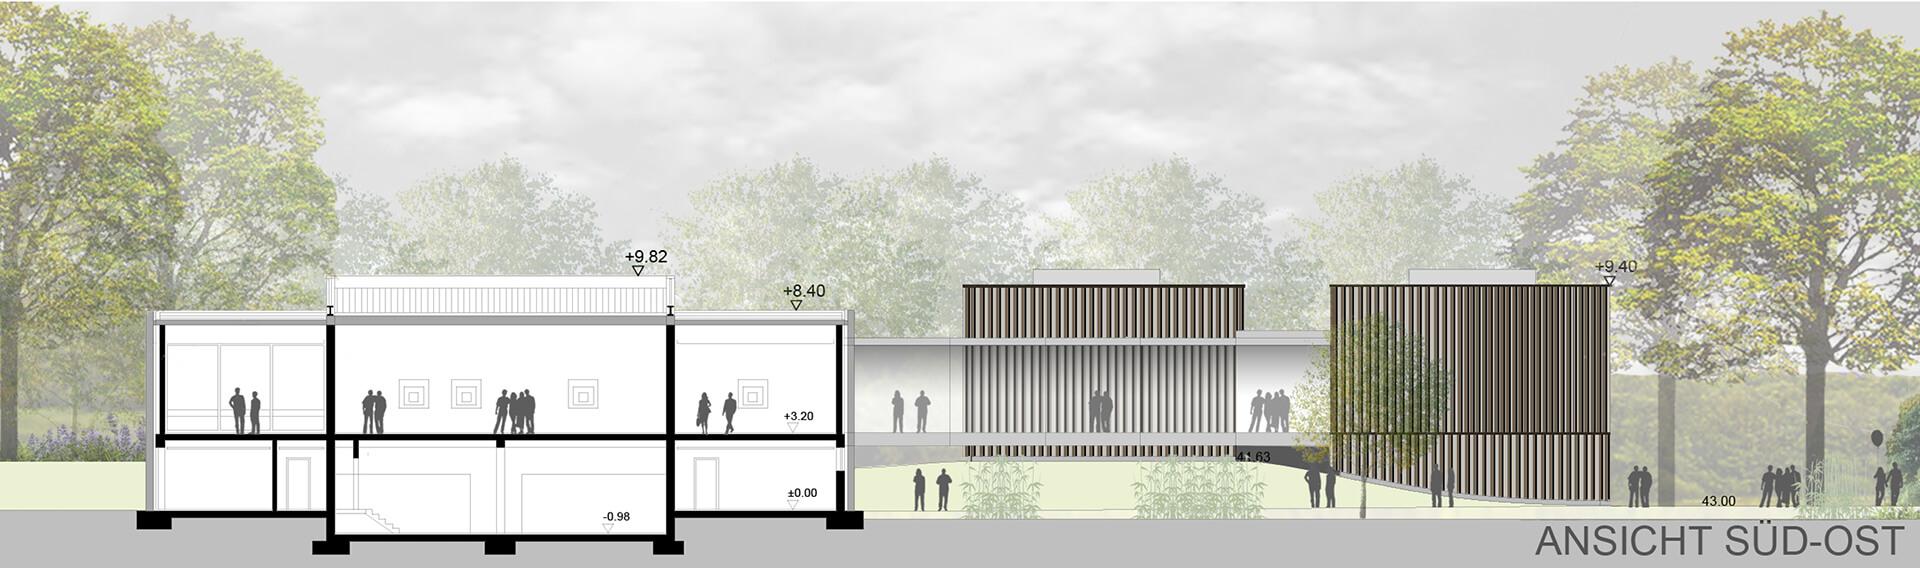 Museum Quadrat Bottrop Bestand und Neubau Museumserweiterung Seitenansicht